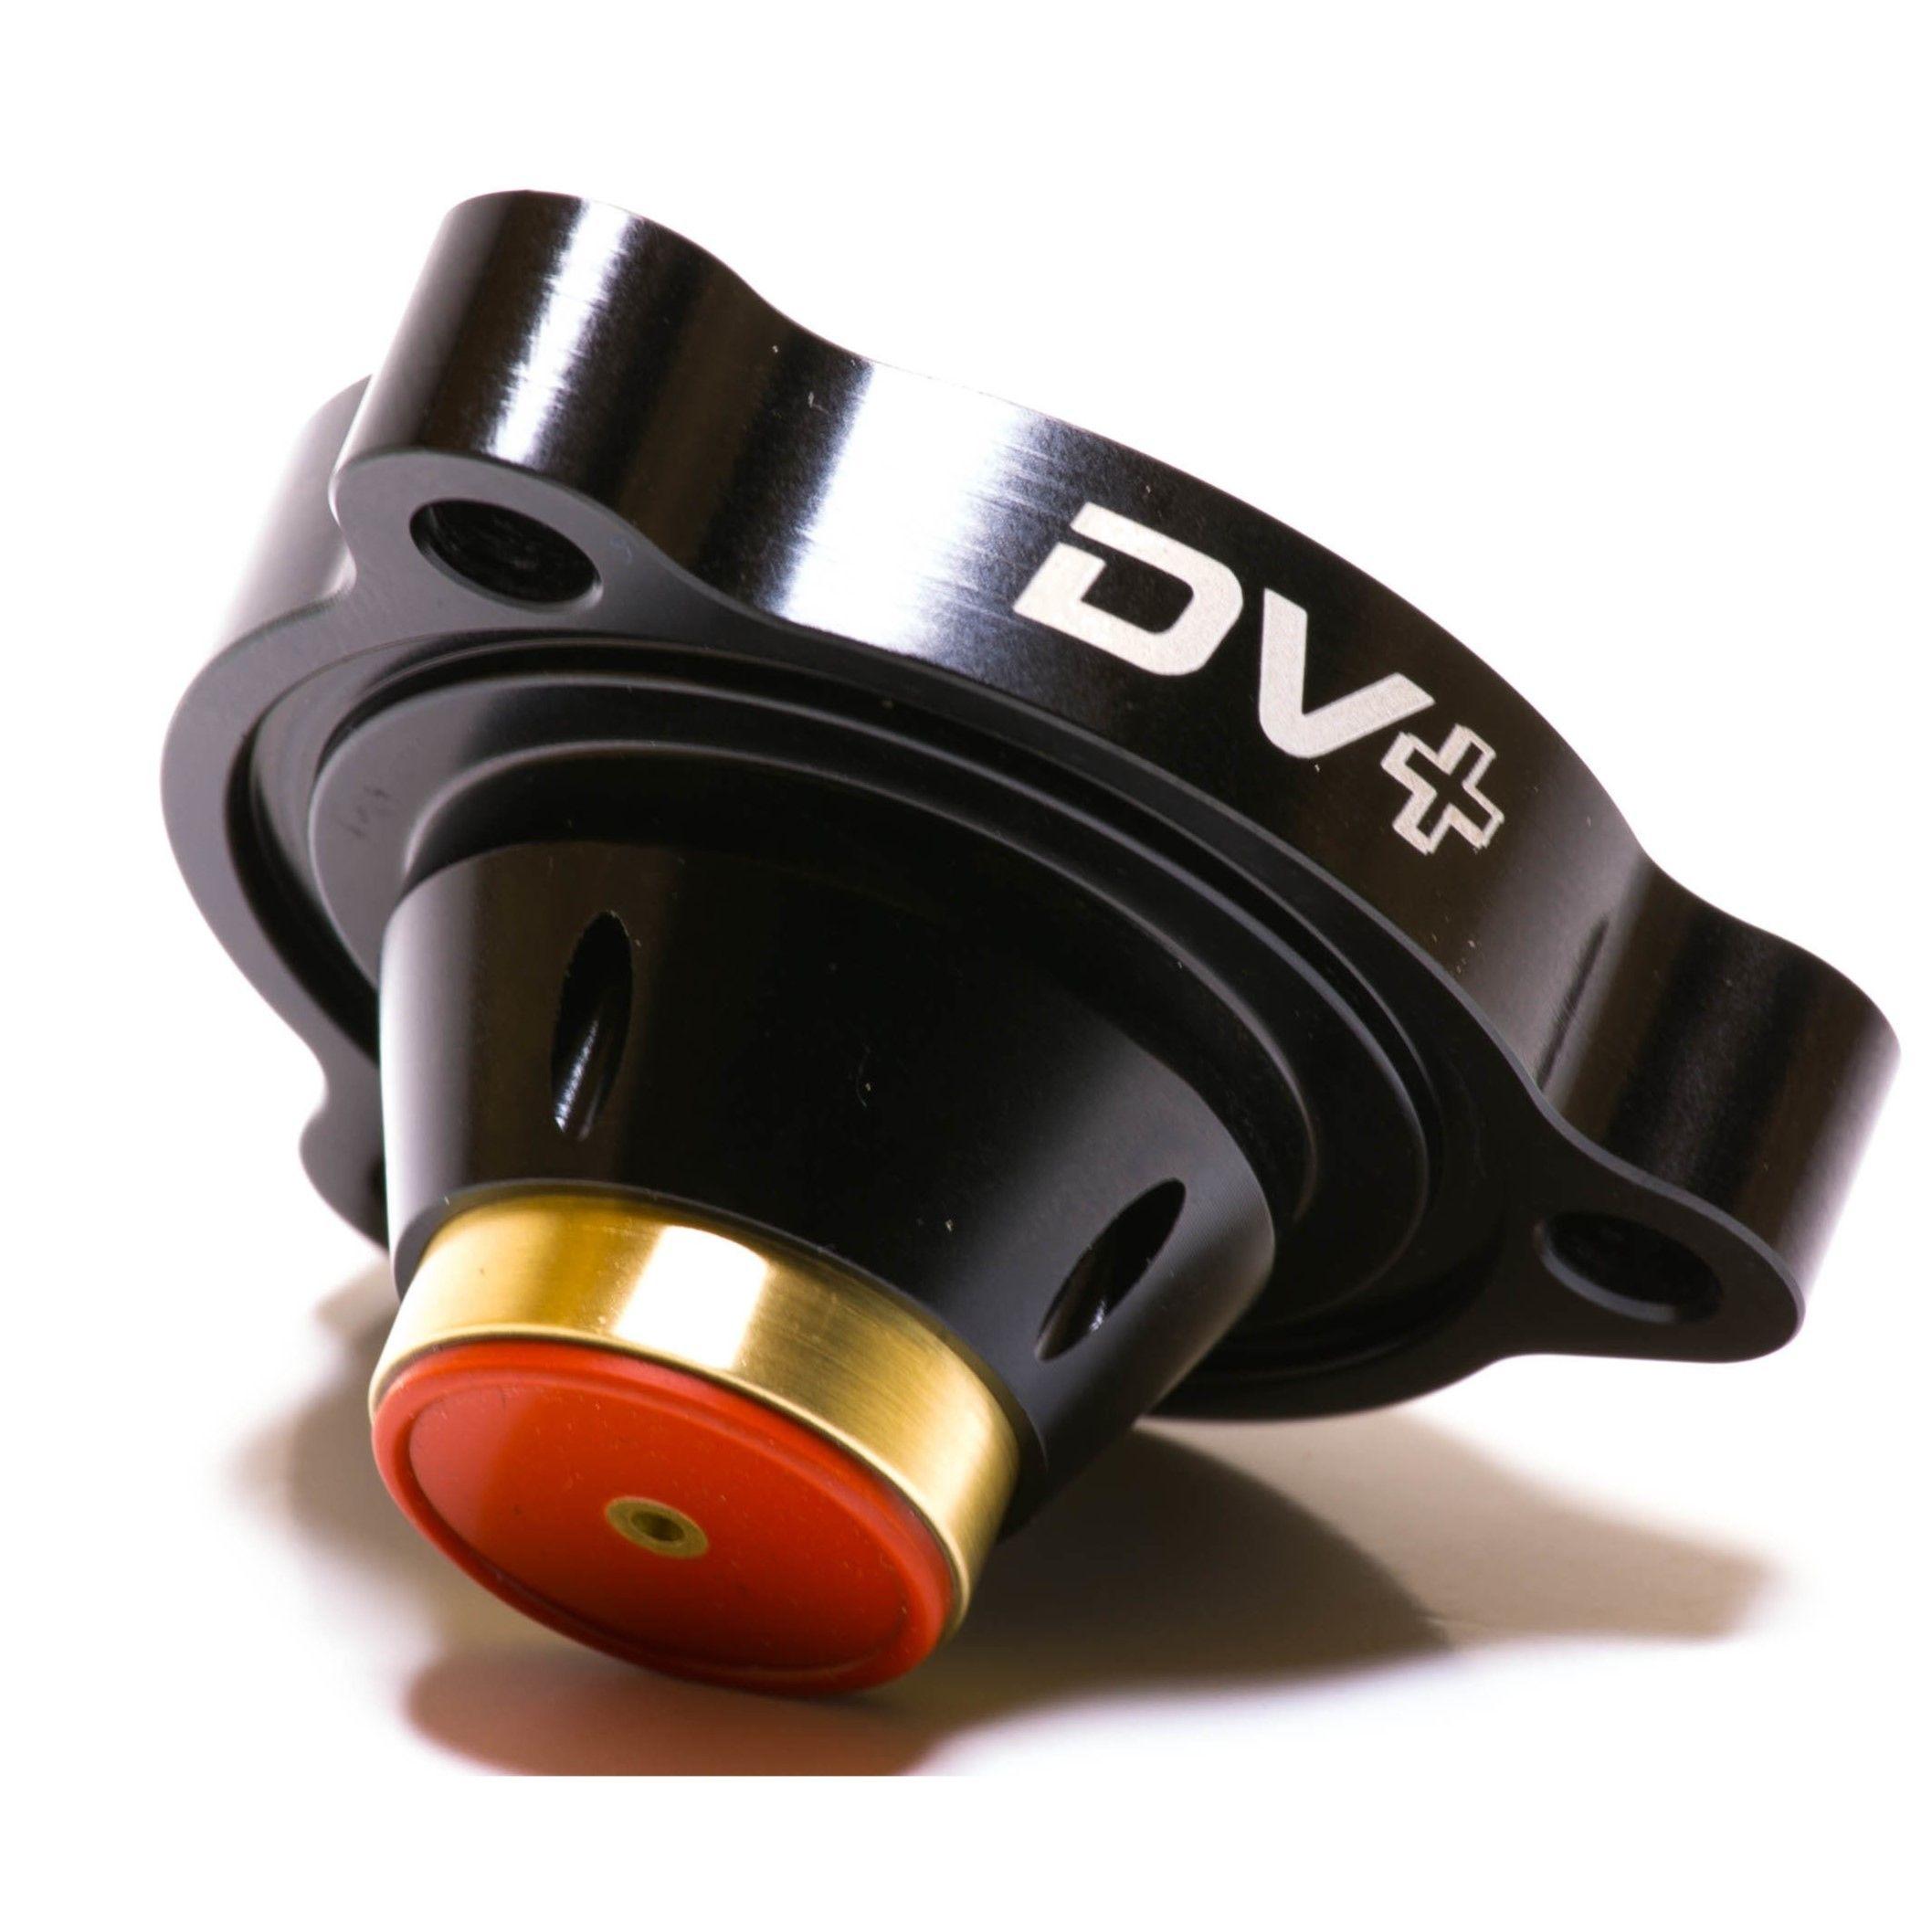 #GFB DV+ T9351 Blow off Valves / Diverter Valves for VW / AUDI ディバーターバルブ 強化 キット